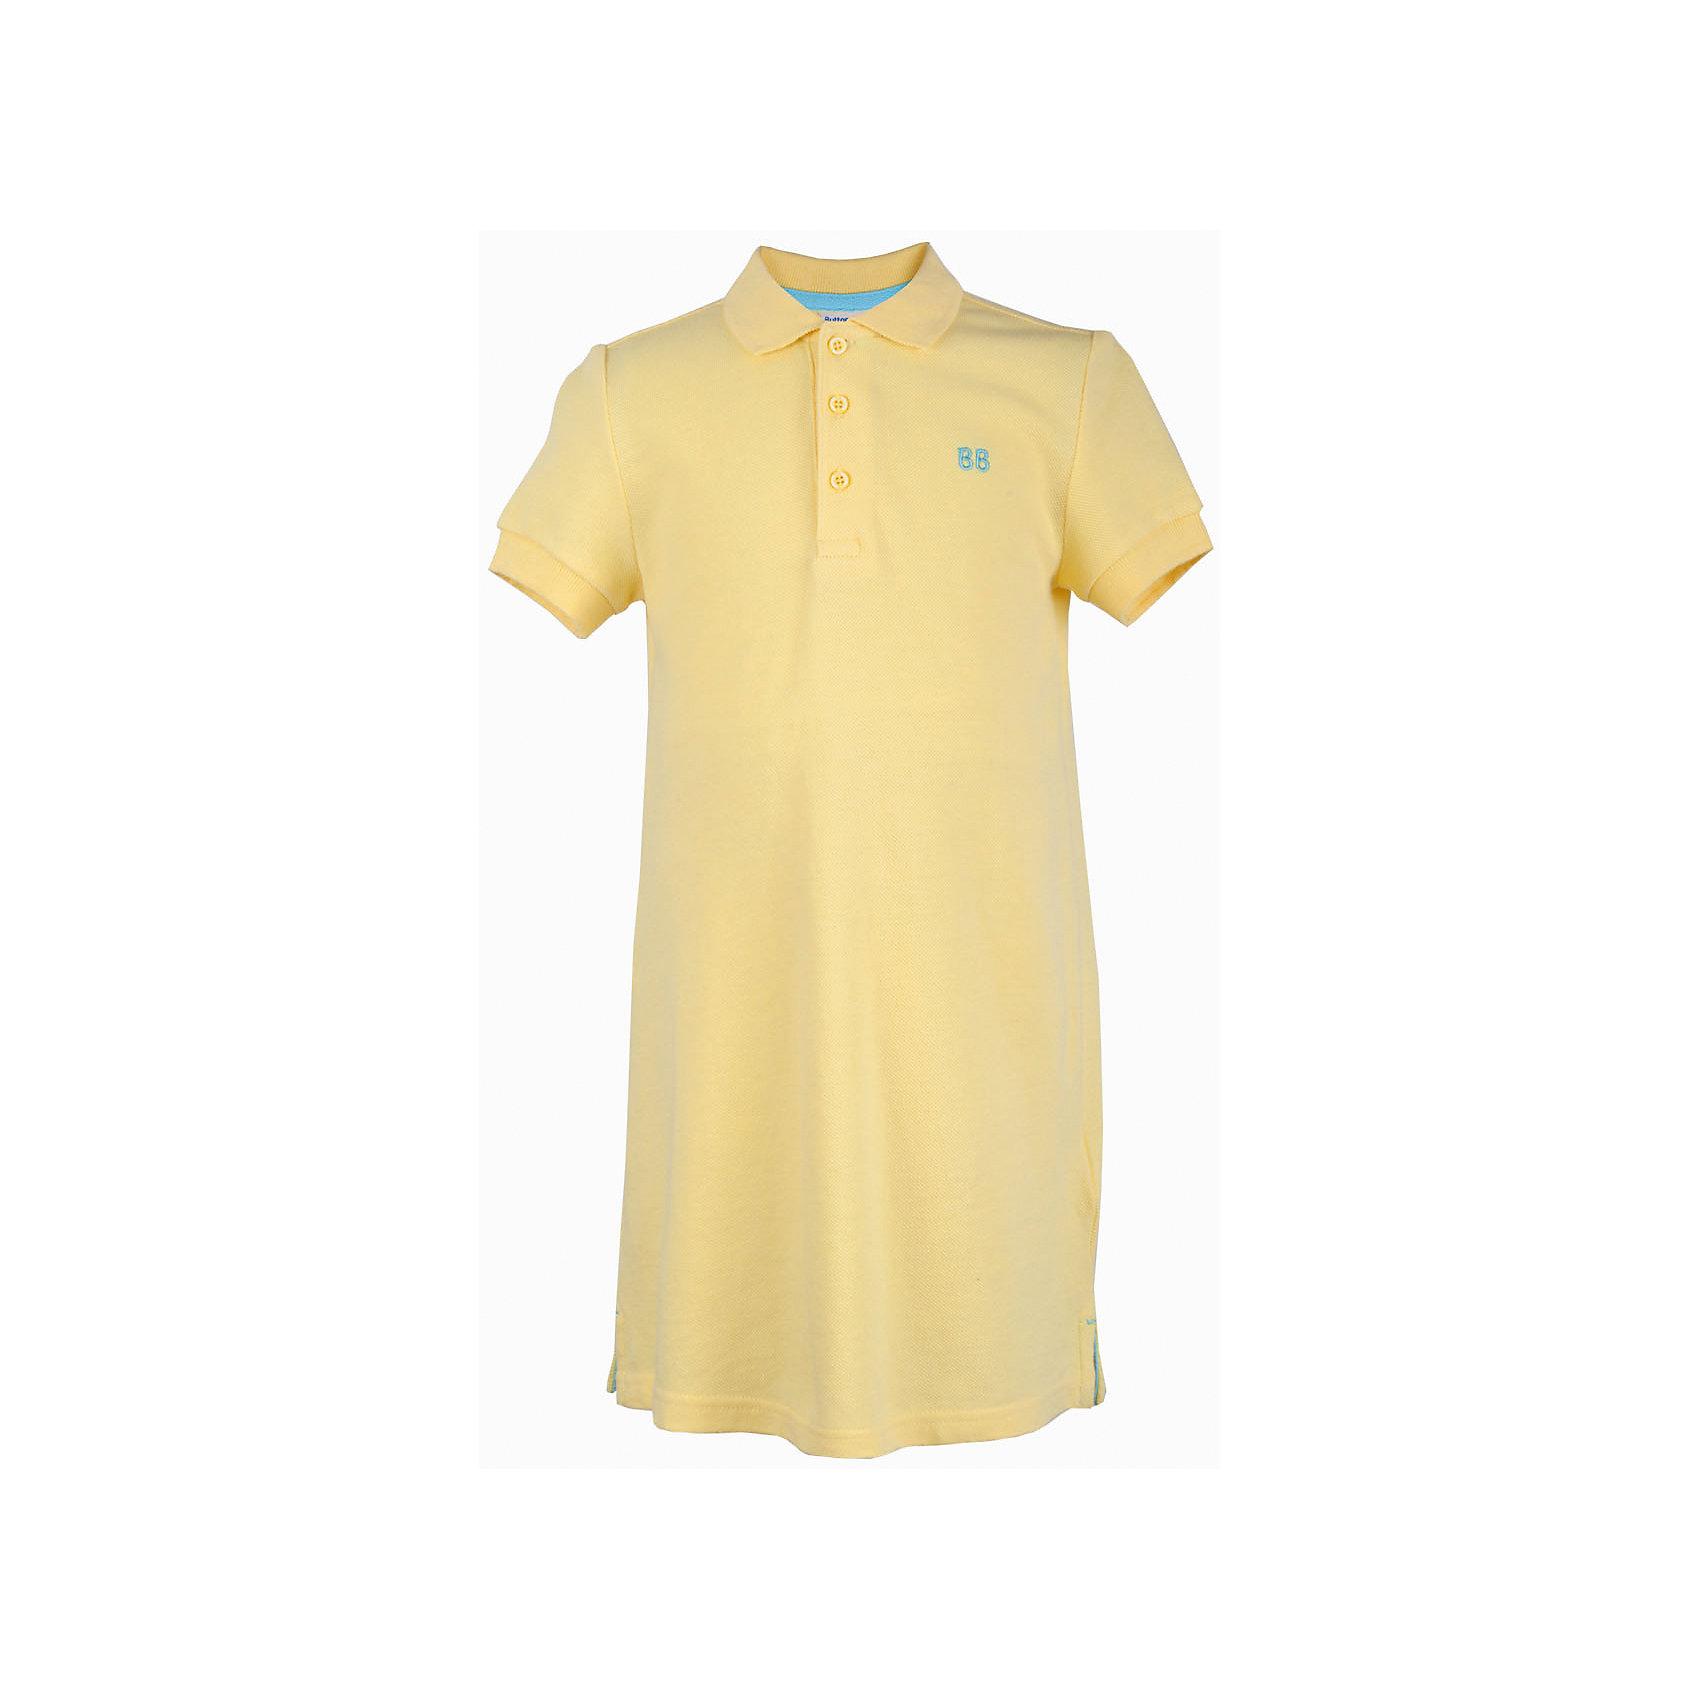 Платье для девочки  BUTTON BLUEПлатья и сарафаны<br>Платье для девочки  BUTTON BLUE<br>Хит прогулочного летнего гардероба, трикотажное платье в спортивном стиле, выглядит отлично! Модный трапециевидный силуэт, яркий цвет, воротник с застежкой поло делают платье идеальным решением на каждый день. Купить детское трикотажное платье от Button Blue, значит, позаботиться о комфорте и прекрасном внешнем виде своего ребенка.<br>Состав:<br>100%  хлопок<br><br>Ширина мм: 236<br>Глубина мм: 16<br>Высота мм: 184<br>Вес г: 177<br>Цвет: желтый<br>Возраст от месяцев: 144<br>Возраст до месяцев: 156<br>Пол: Женский<br>Возраст: Детский<br>Размер: 158,98,104,110,116,122,128,134,140,146,152<br>SKU: 5523485